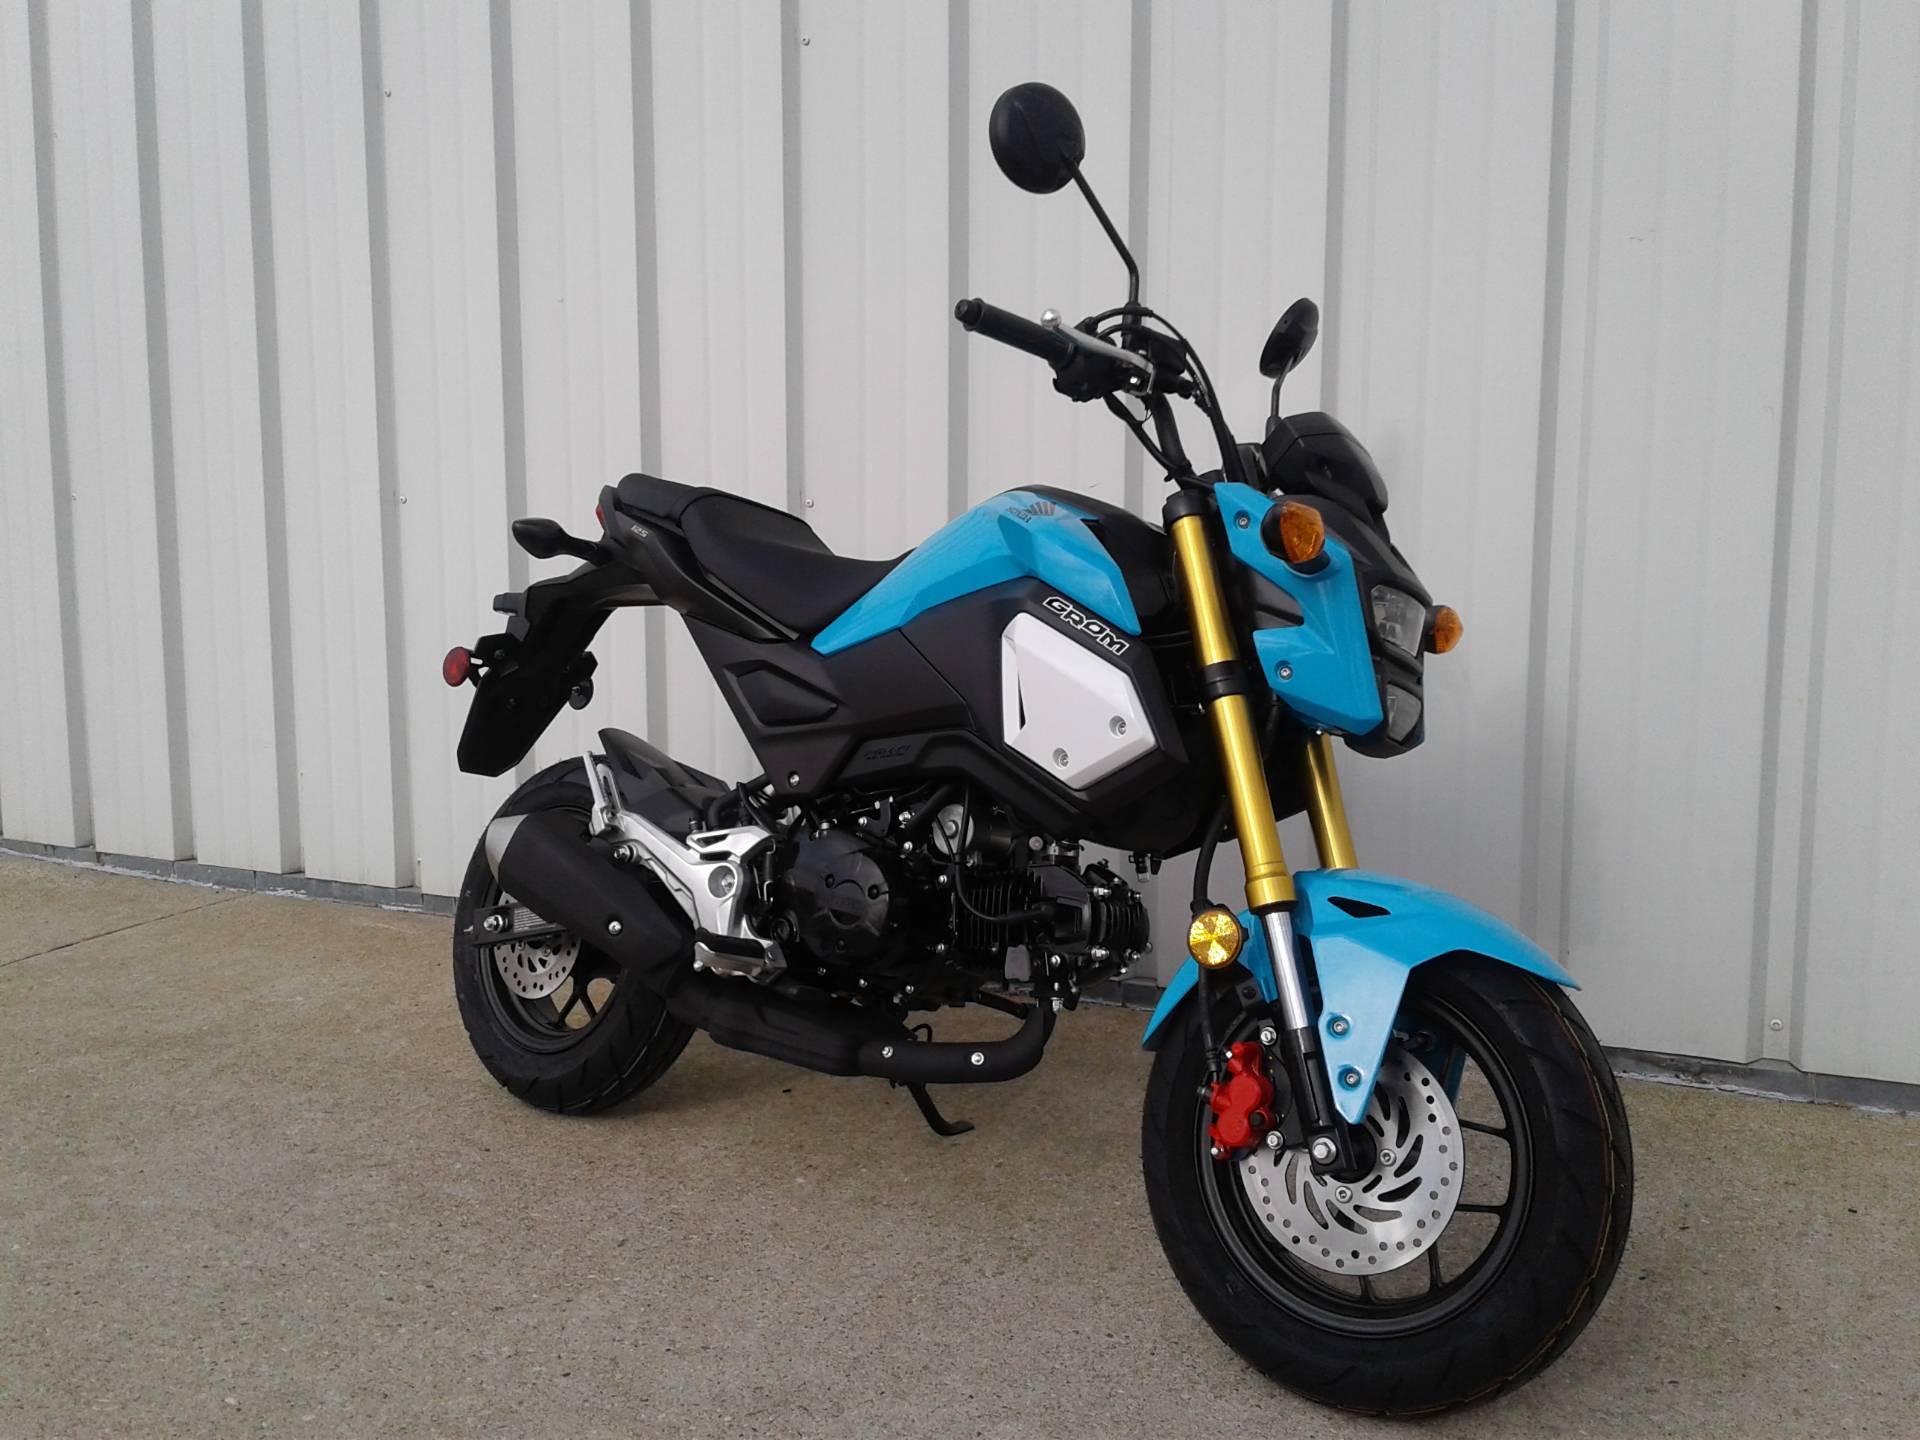 Honda Grom Price >> 2019 Honda Grom In Manitowoc Wisconsin Honda 1185160